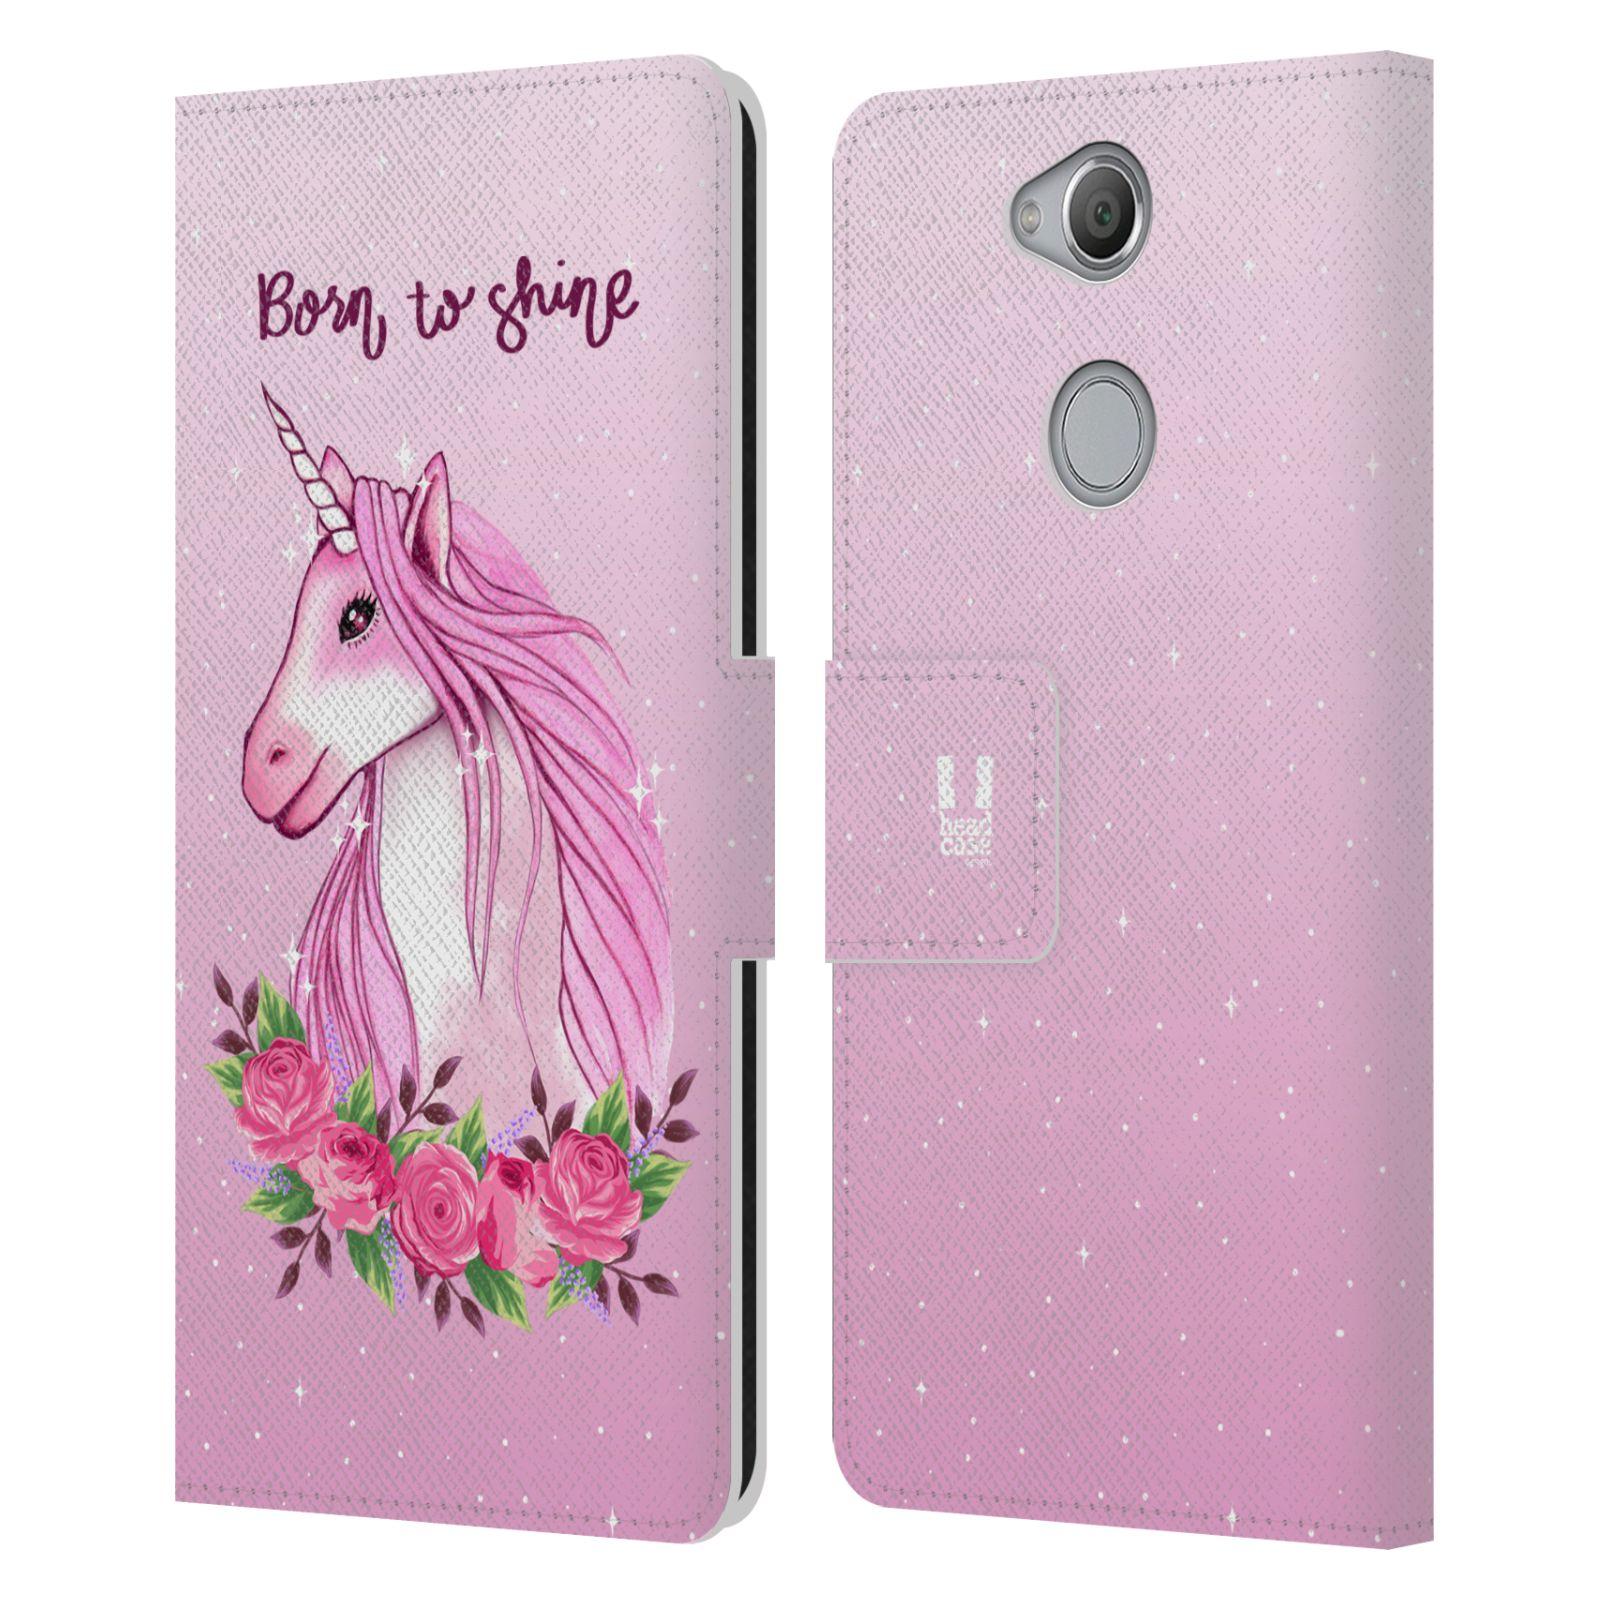 Pouzdro na mobil Sony Xperia XA2 - Head Case - Růžový jednorožec růže